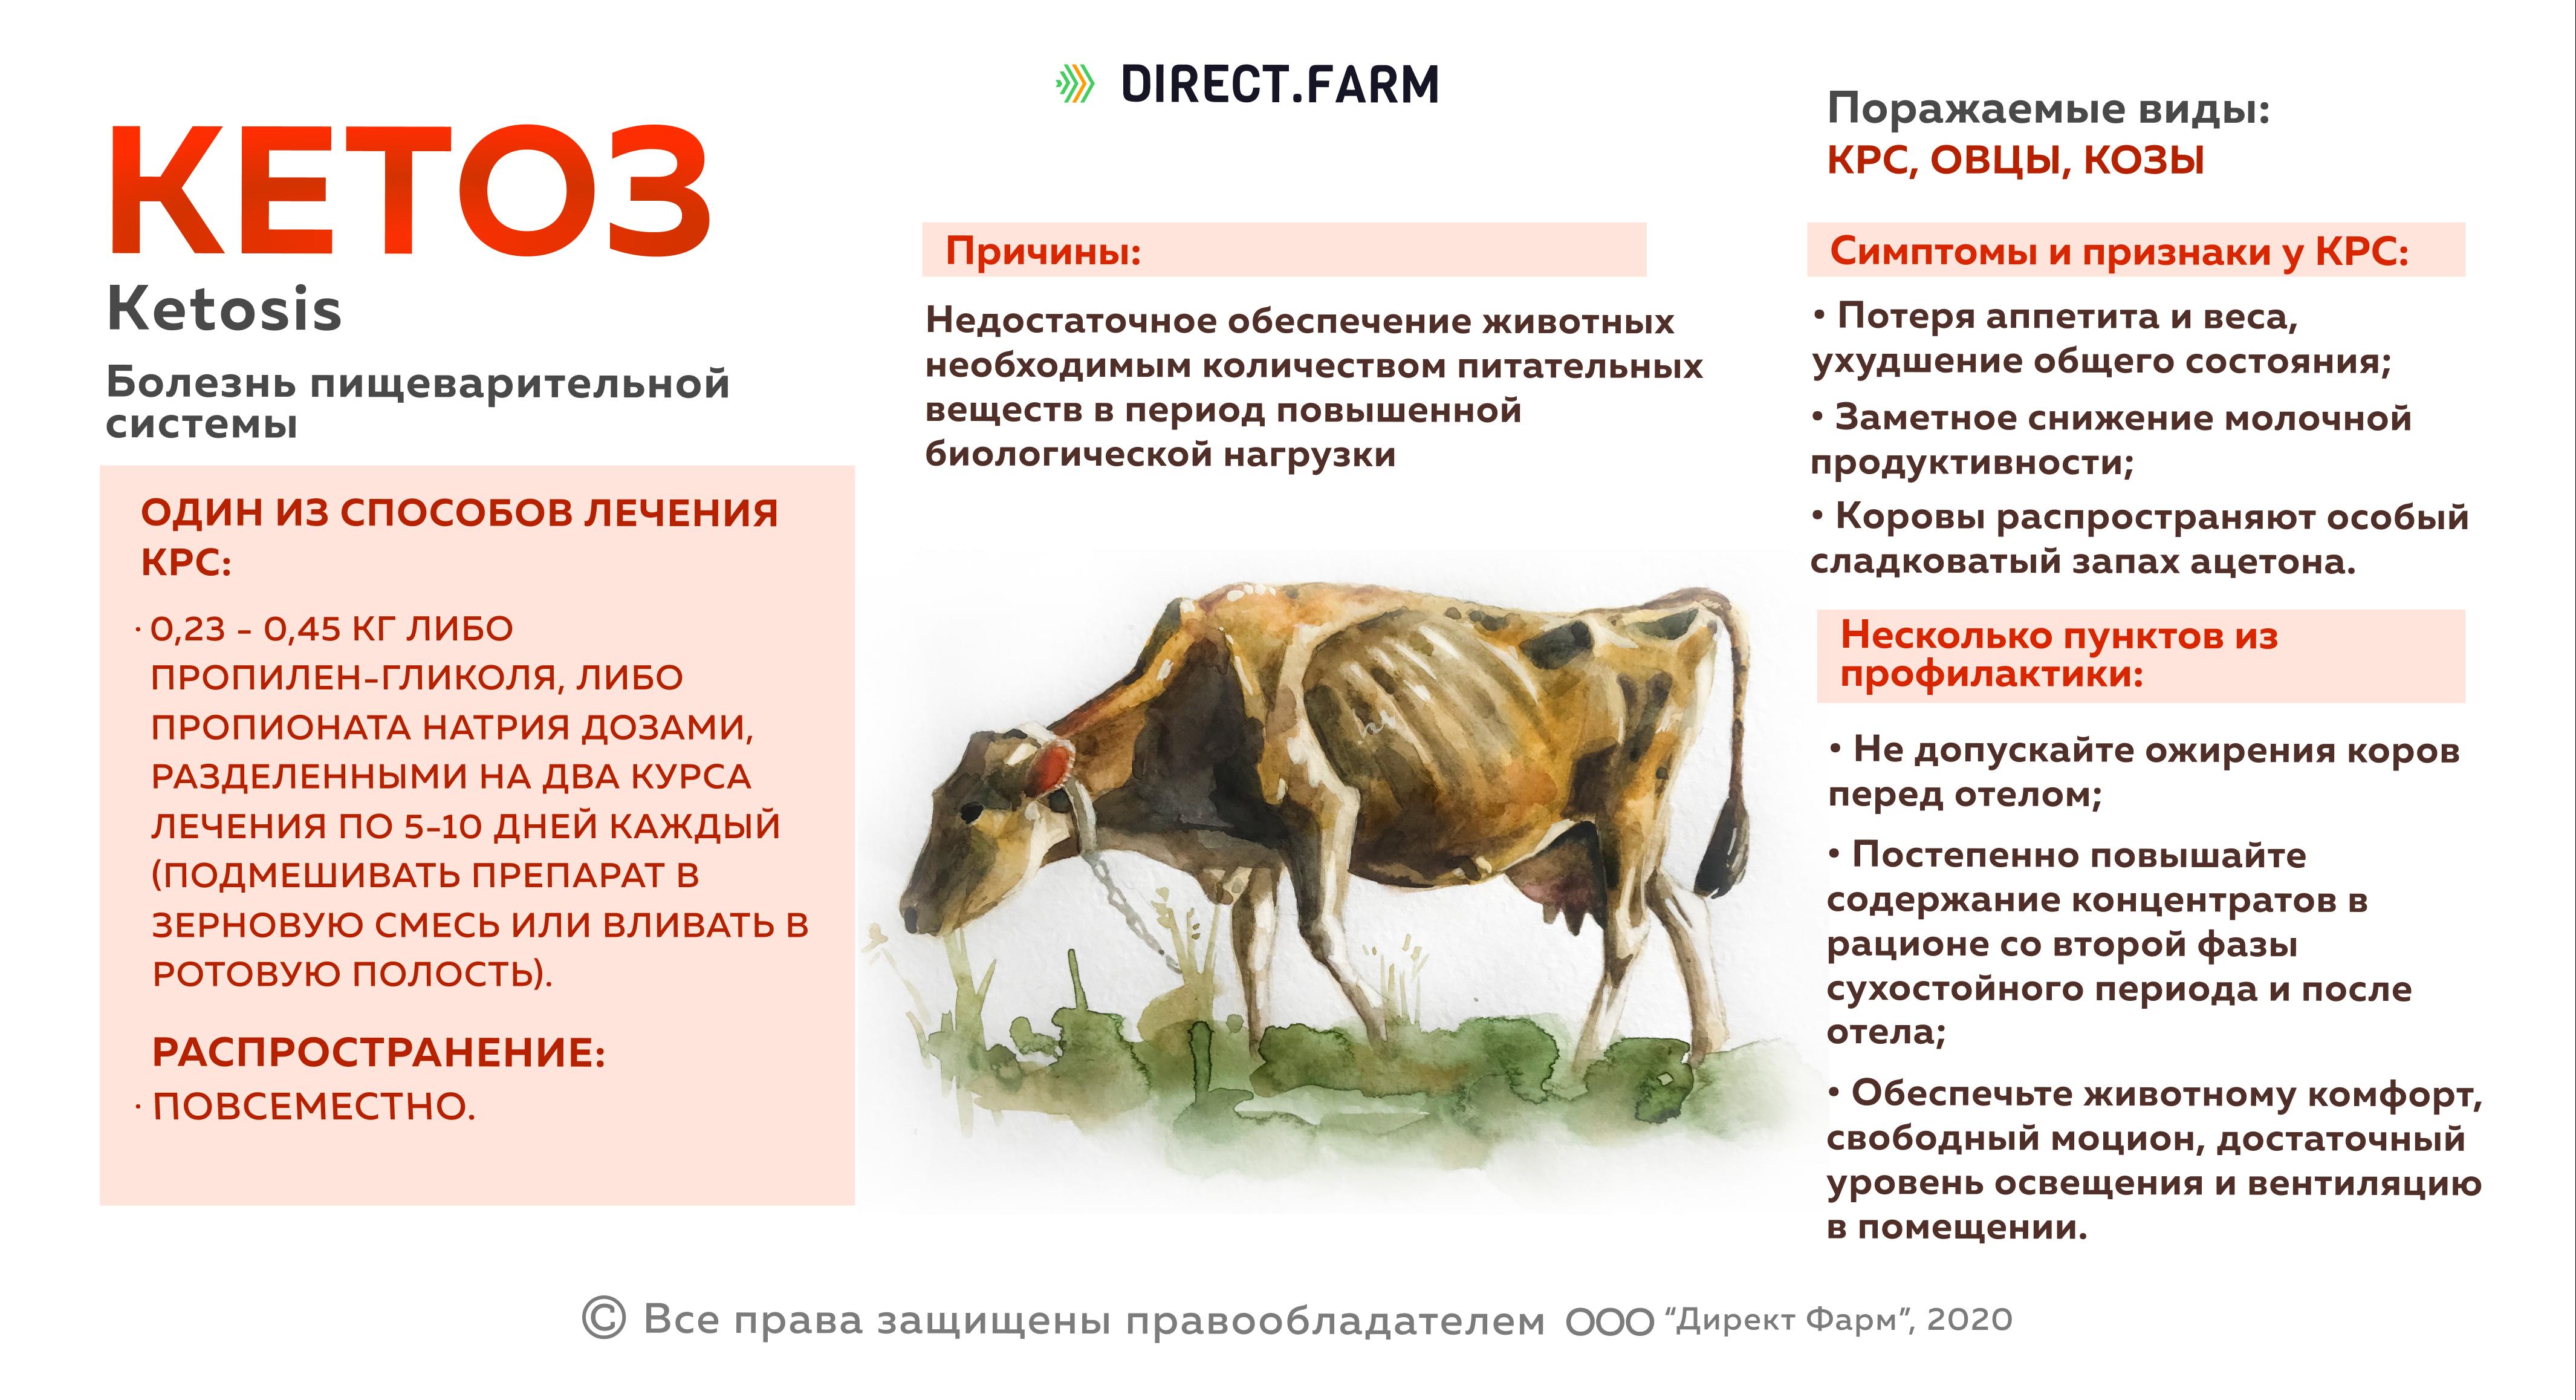 Кетоз у коров: симптомы, лечение, причины, признаки, и что это такое, как определить в домашних условиях, как избавиться народными средствами и иными методами?